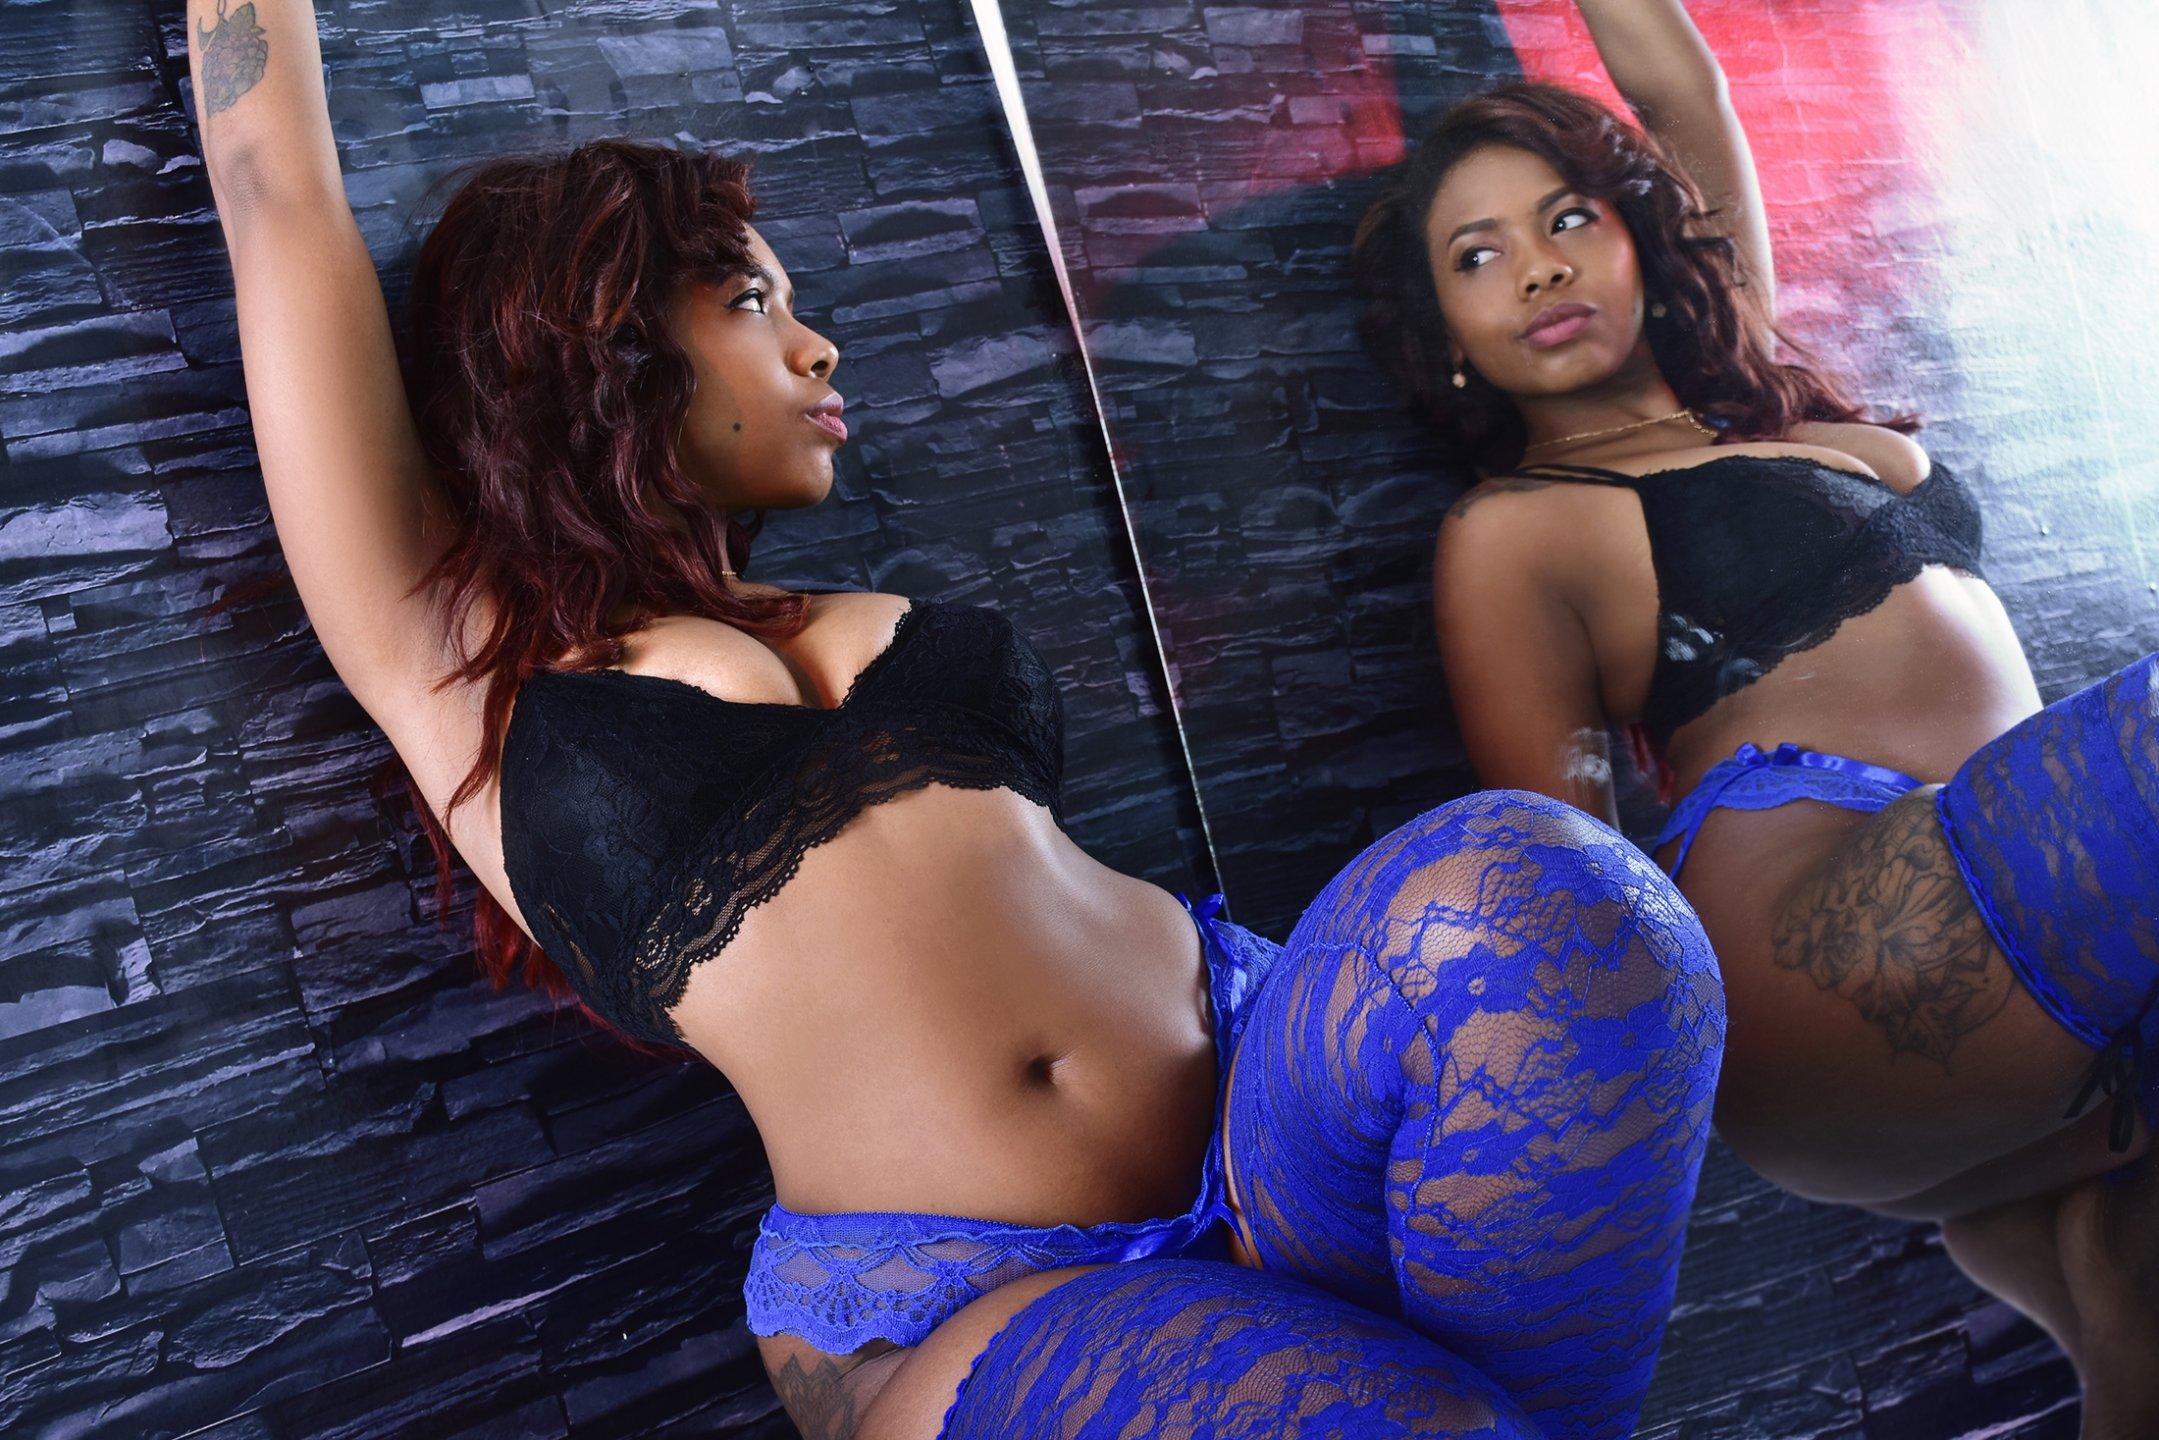 πιο σέξι Ebony φωτογραφίες δωρεάν μαύρη φιλενάδα